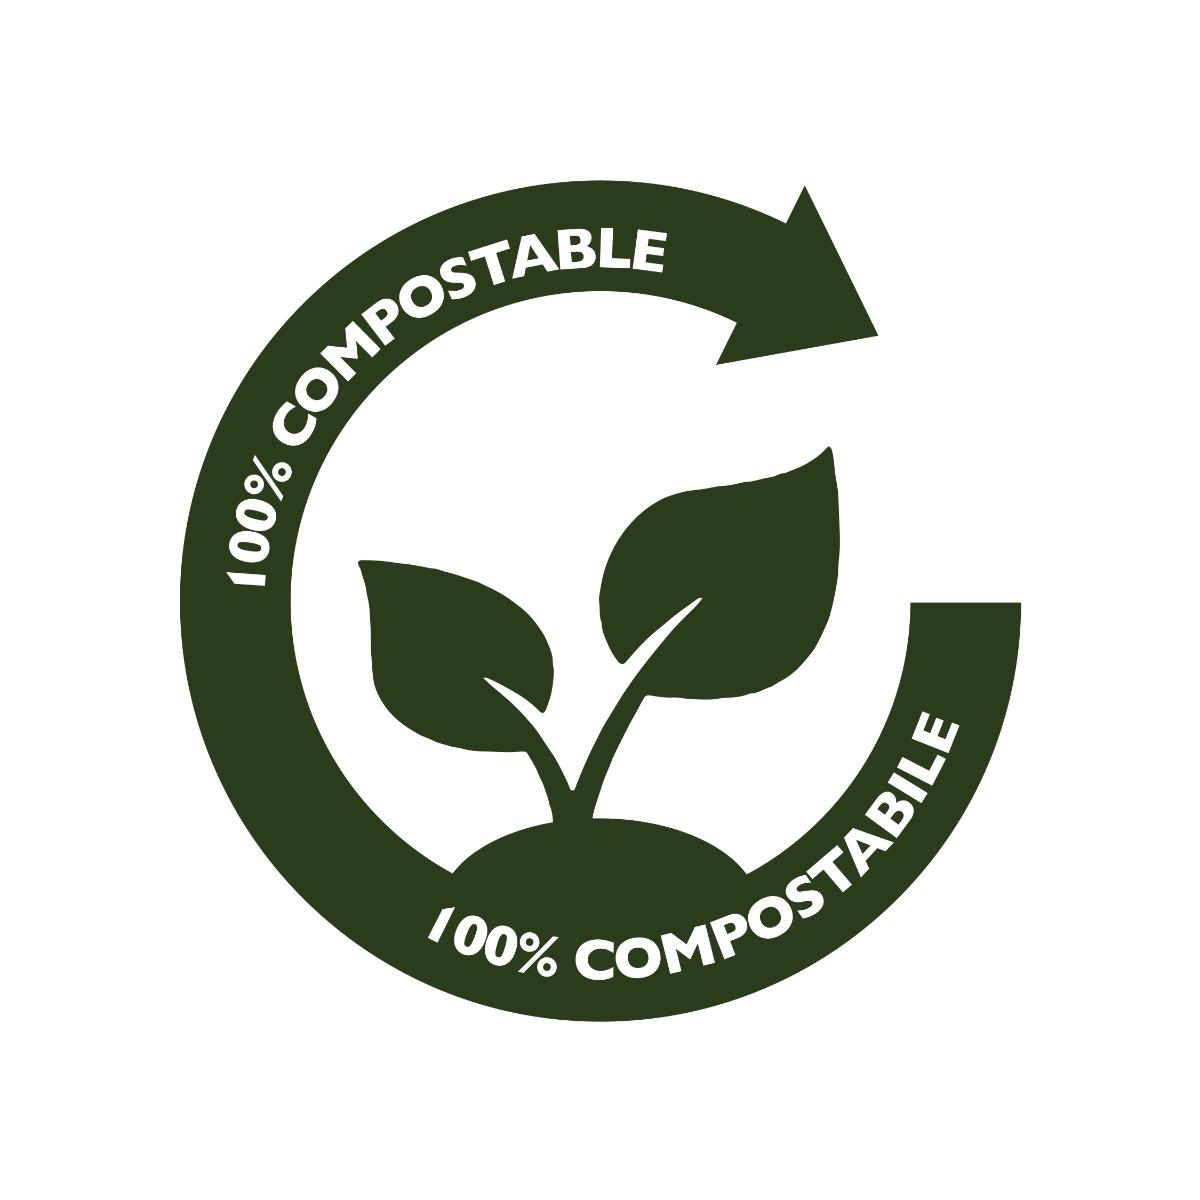 kompostierbare Pods Caffè Barbera